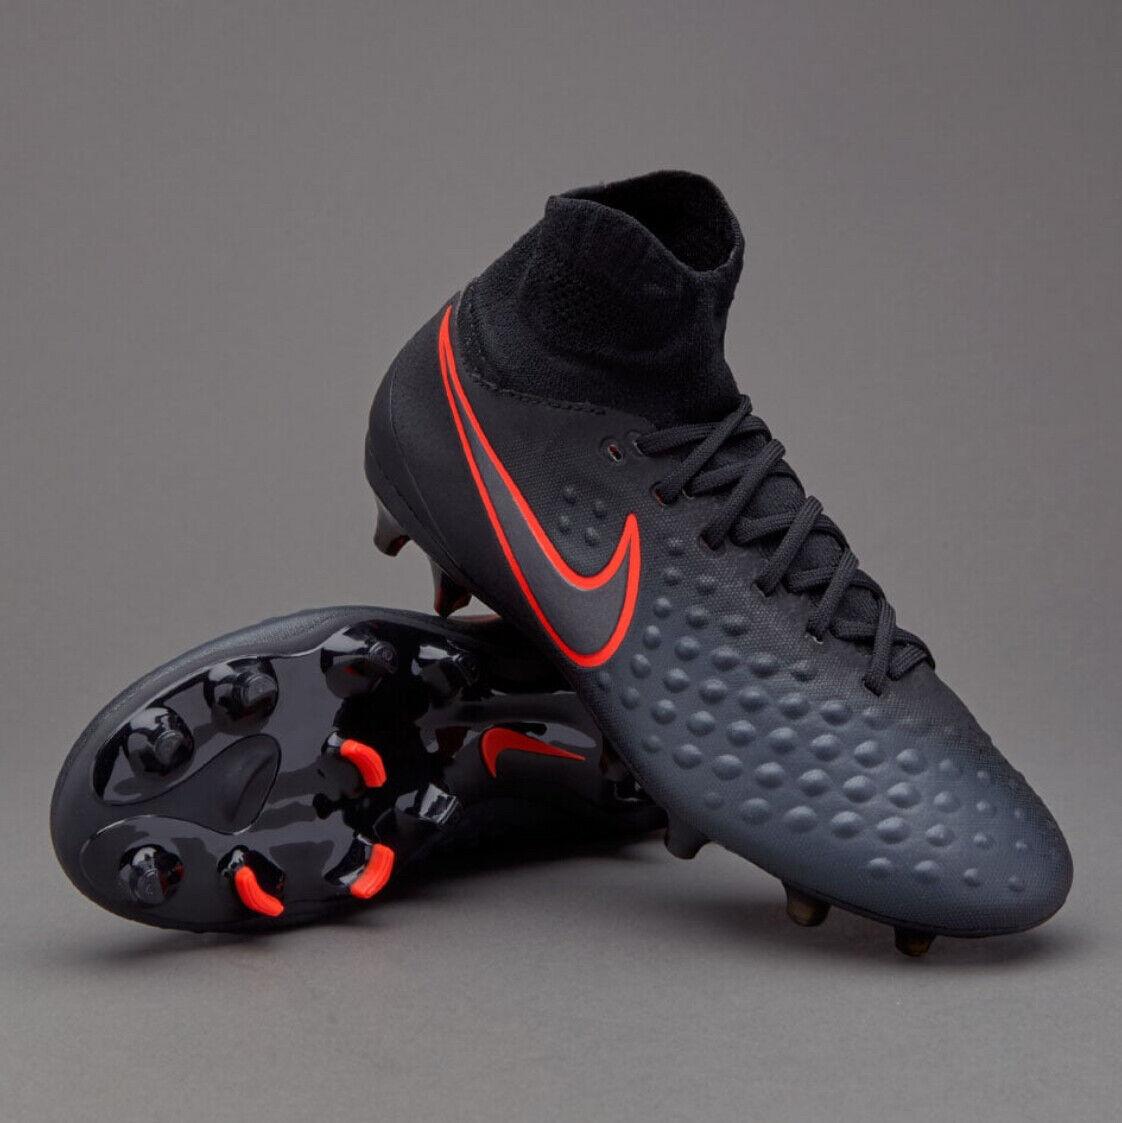 Nike Jr Magista Obra II FG - 844410 008